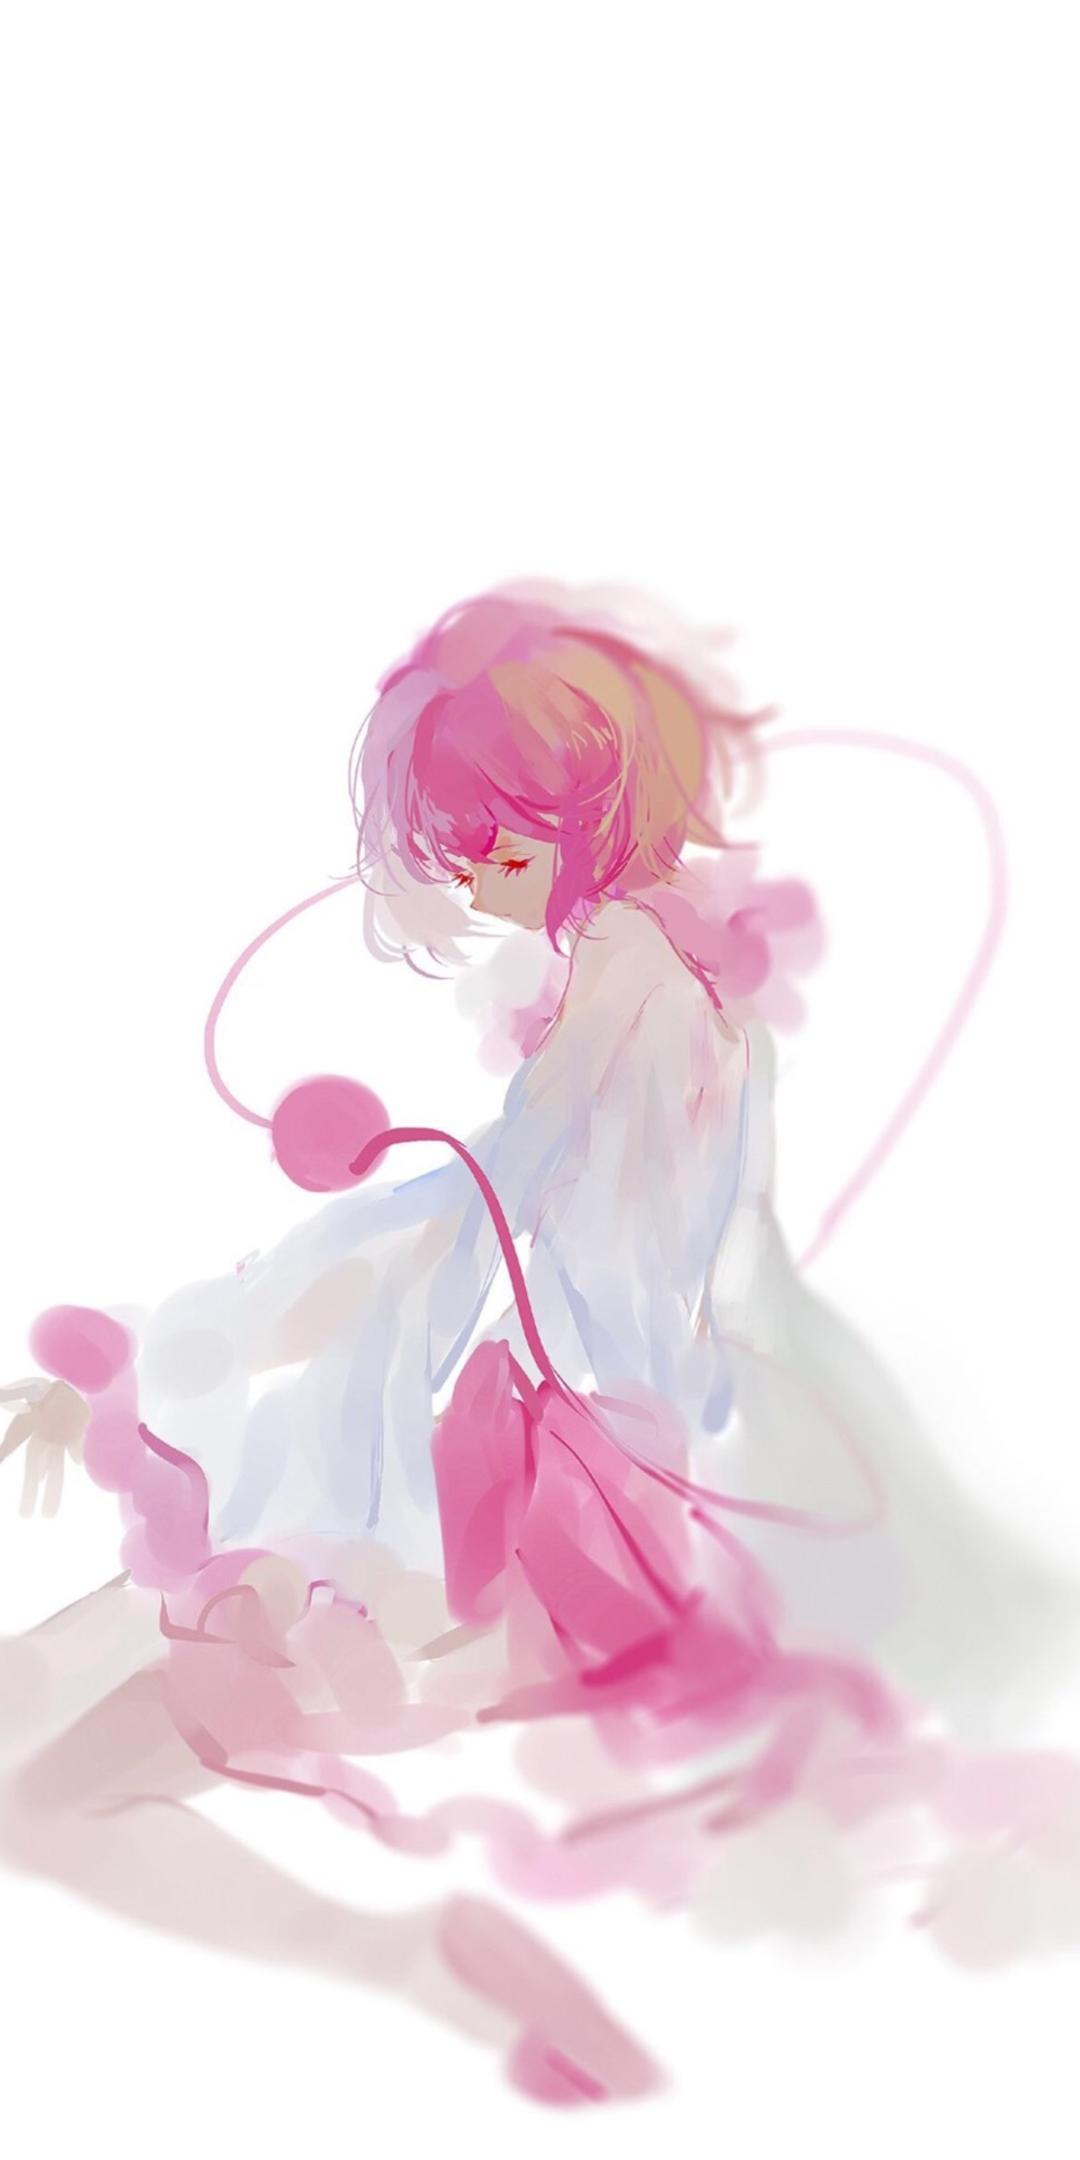 5e67b89e61334 - 粉色系少女心手机壁纸